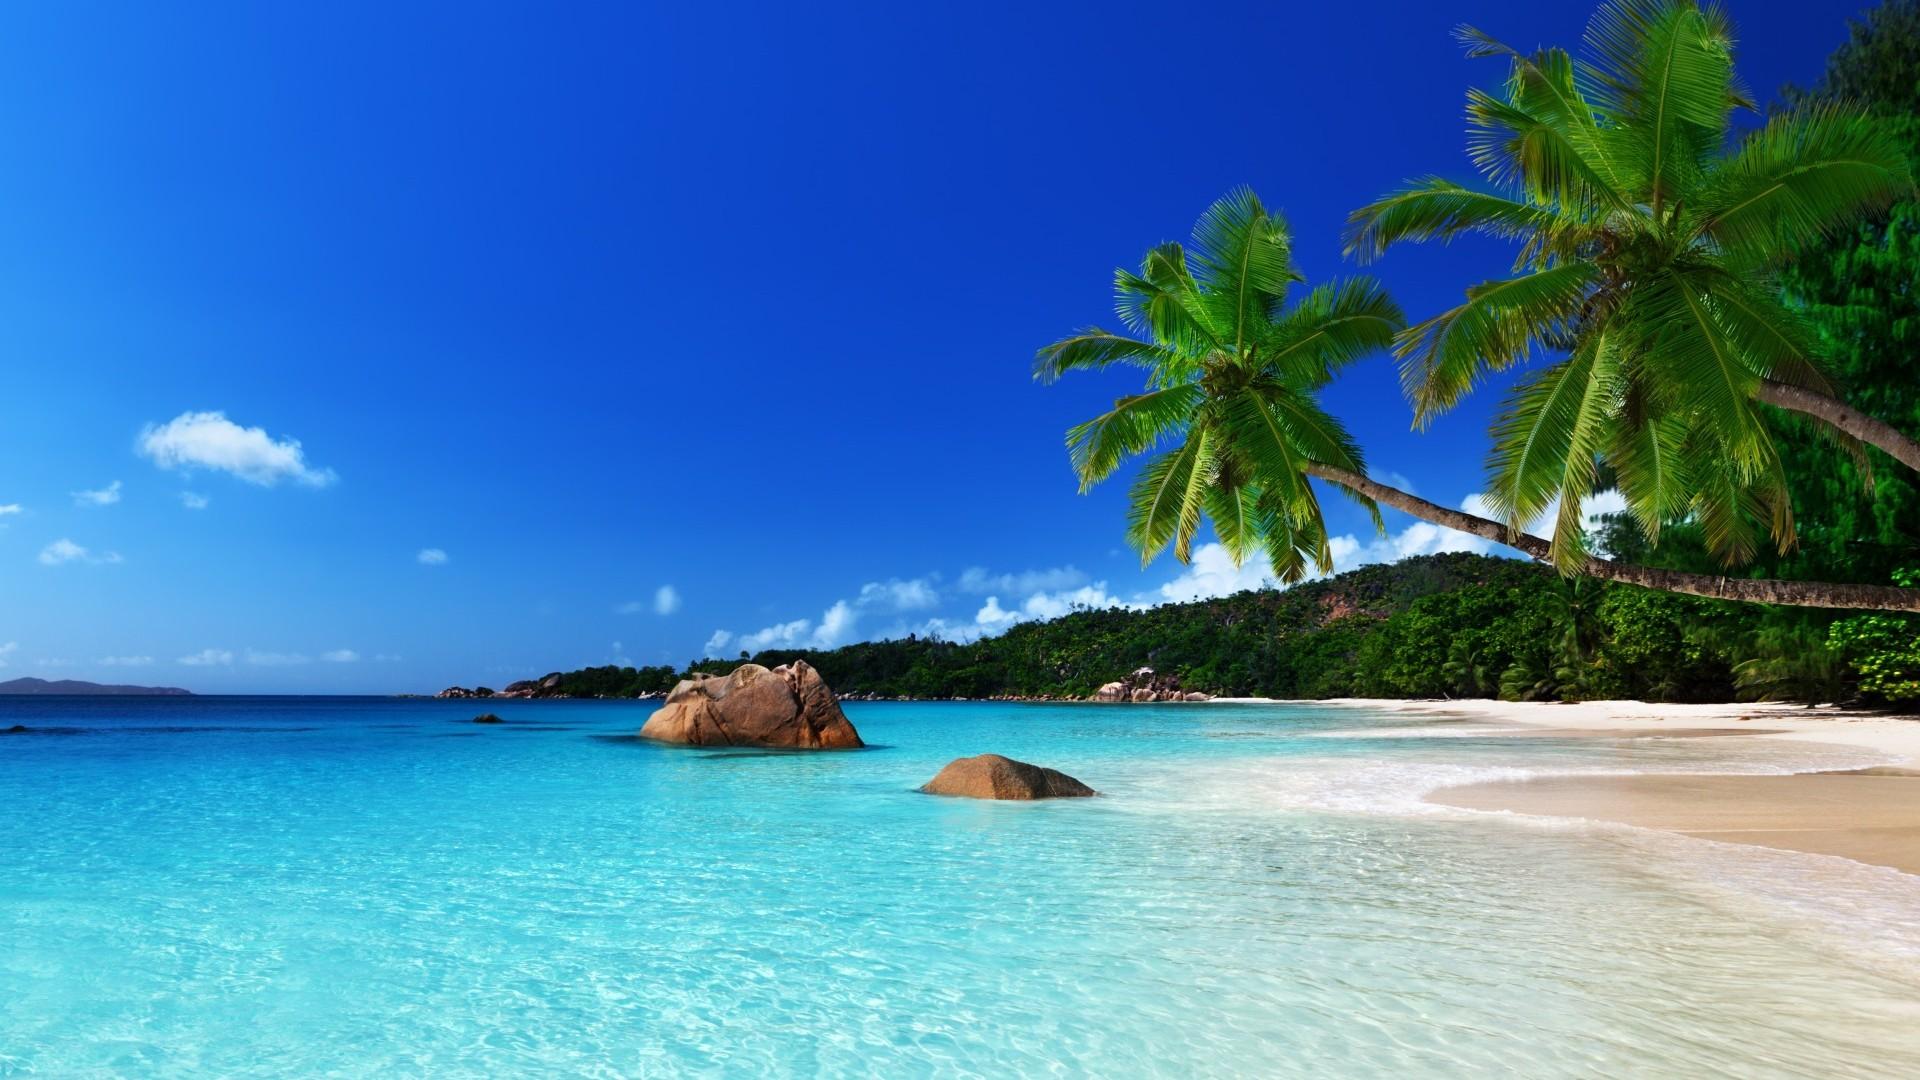 Seychelles-Maurice, combiné detox